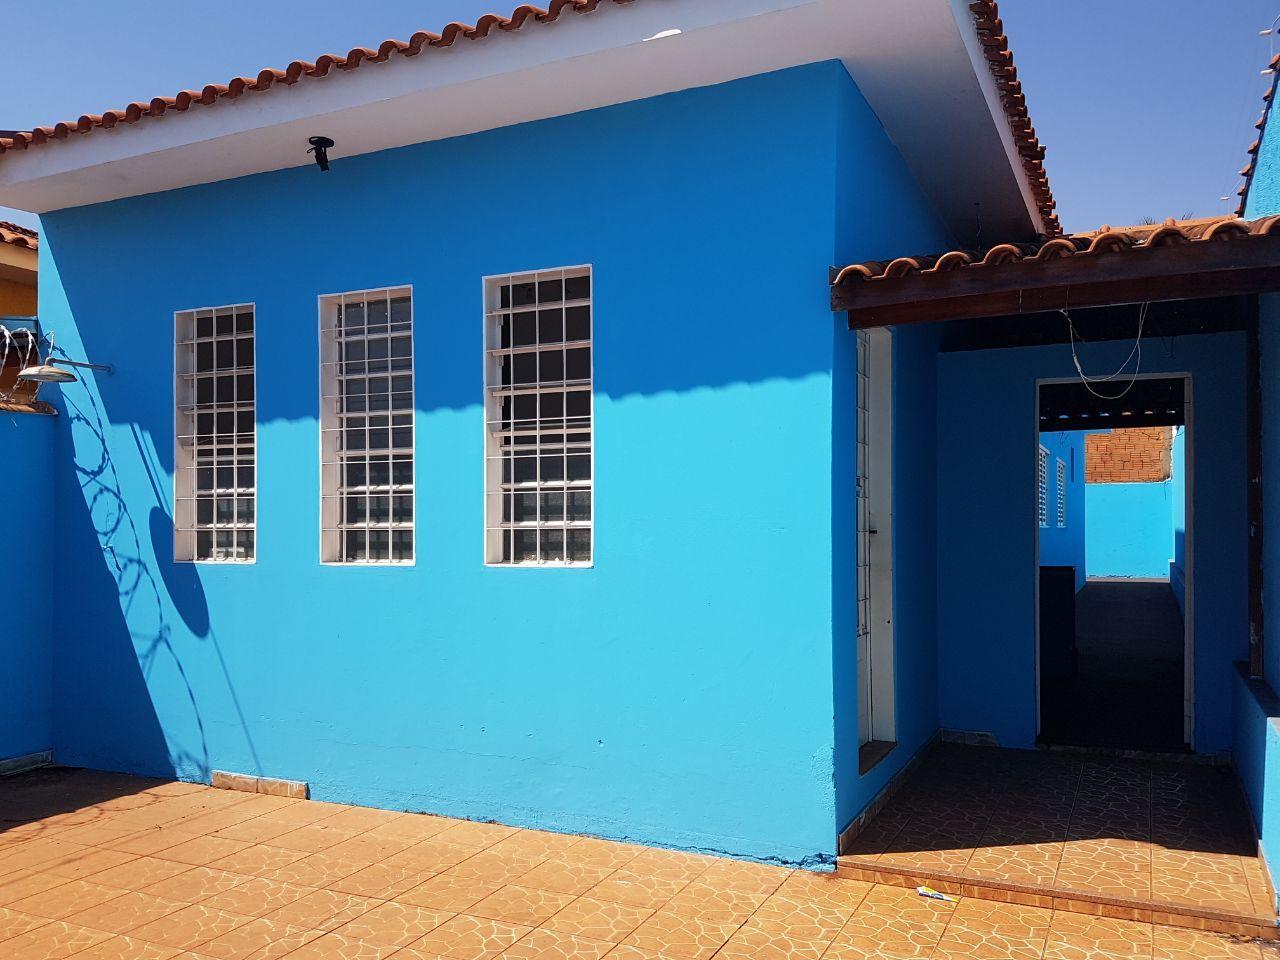 160 Palmares 3 dormitórios - 160 A Casa Palmares $ 280.000,00